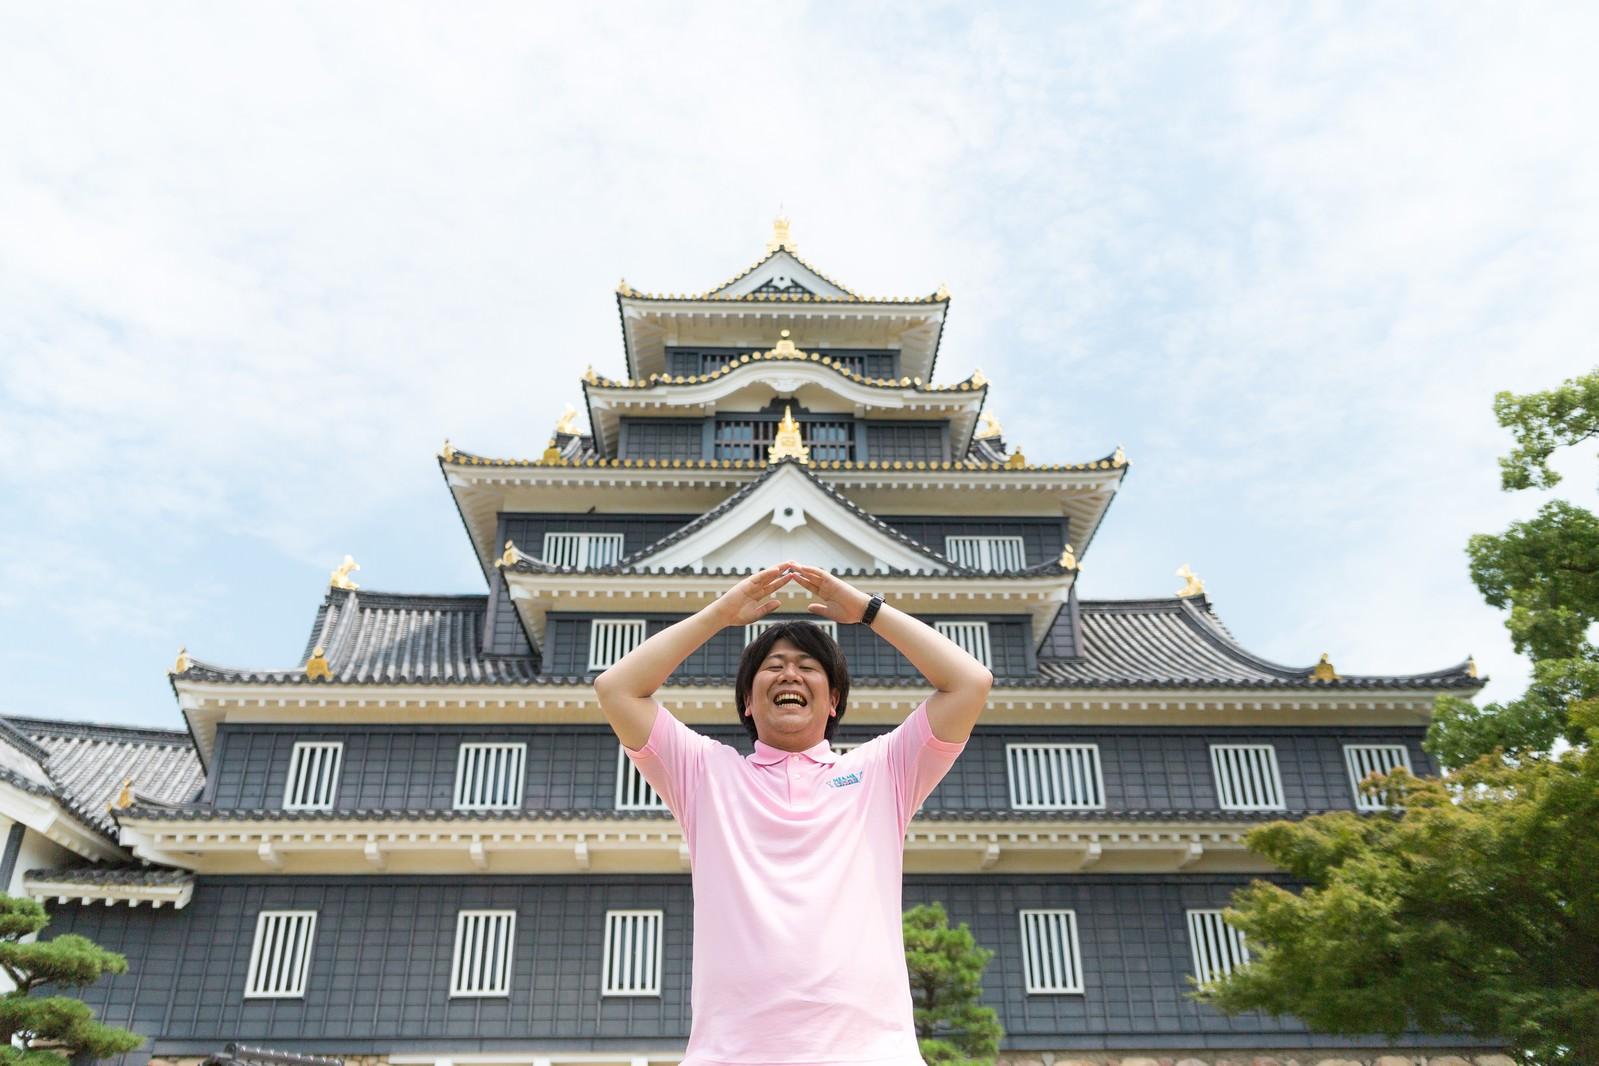 「漆黒の城、岡山城に来たのでお城ポーズをキメる観光客漆黒の城、岡山城に来たのでお城ポーズをキメる観光客」[モデル:朽木誠一郎]のフリー写真素材を拡大